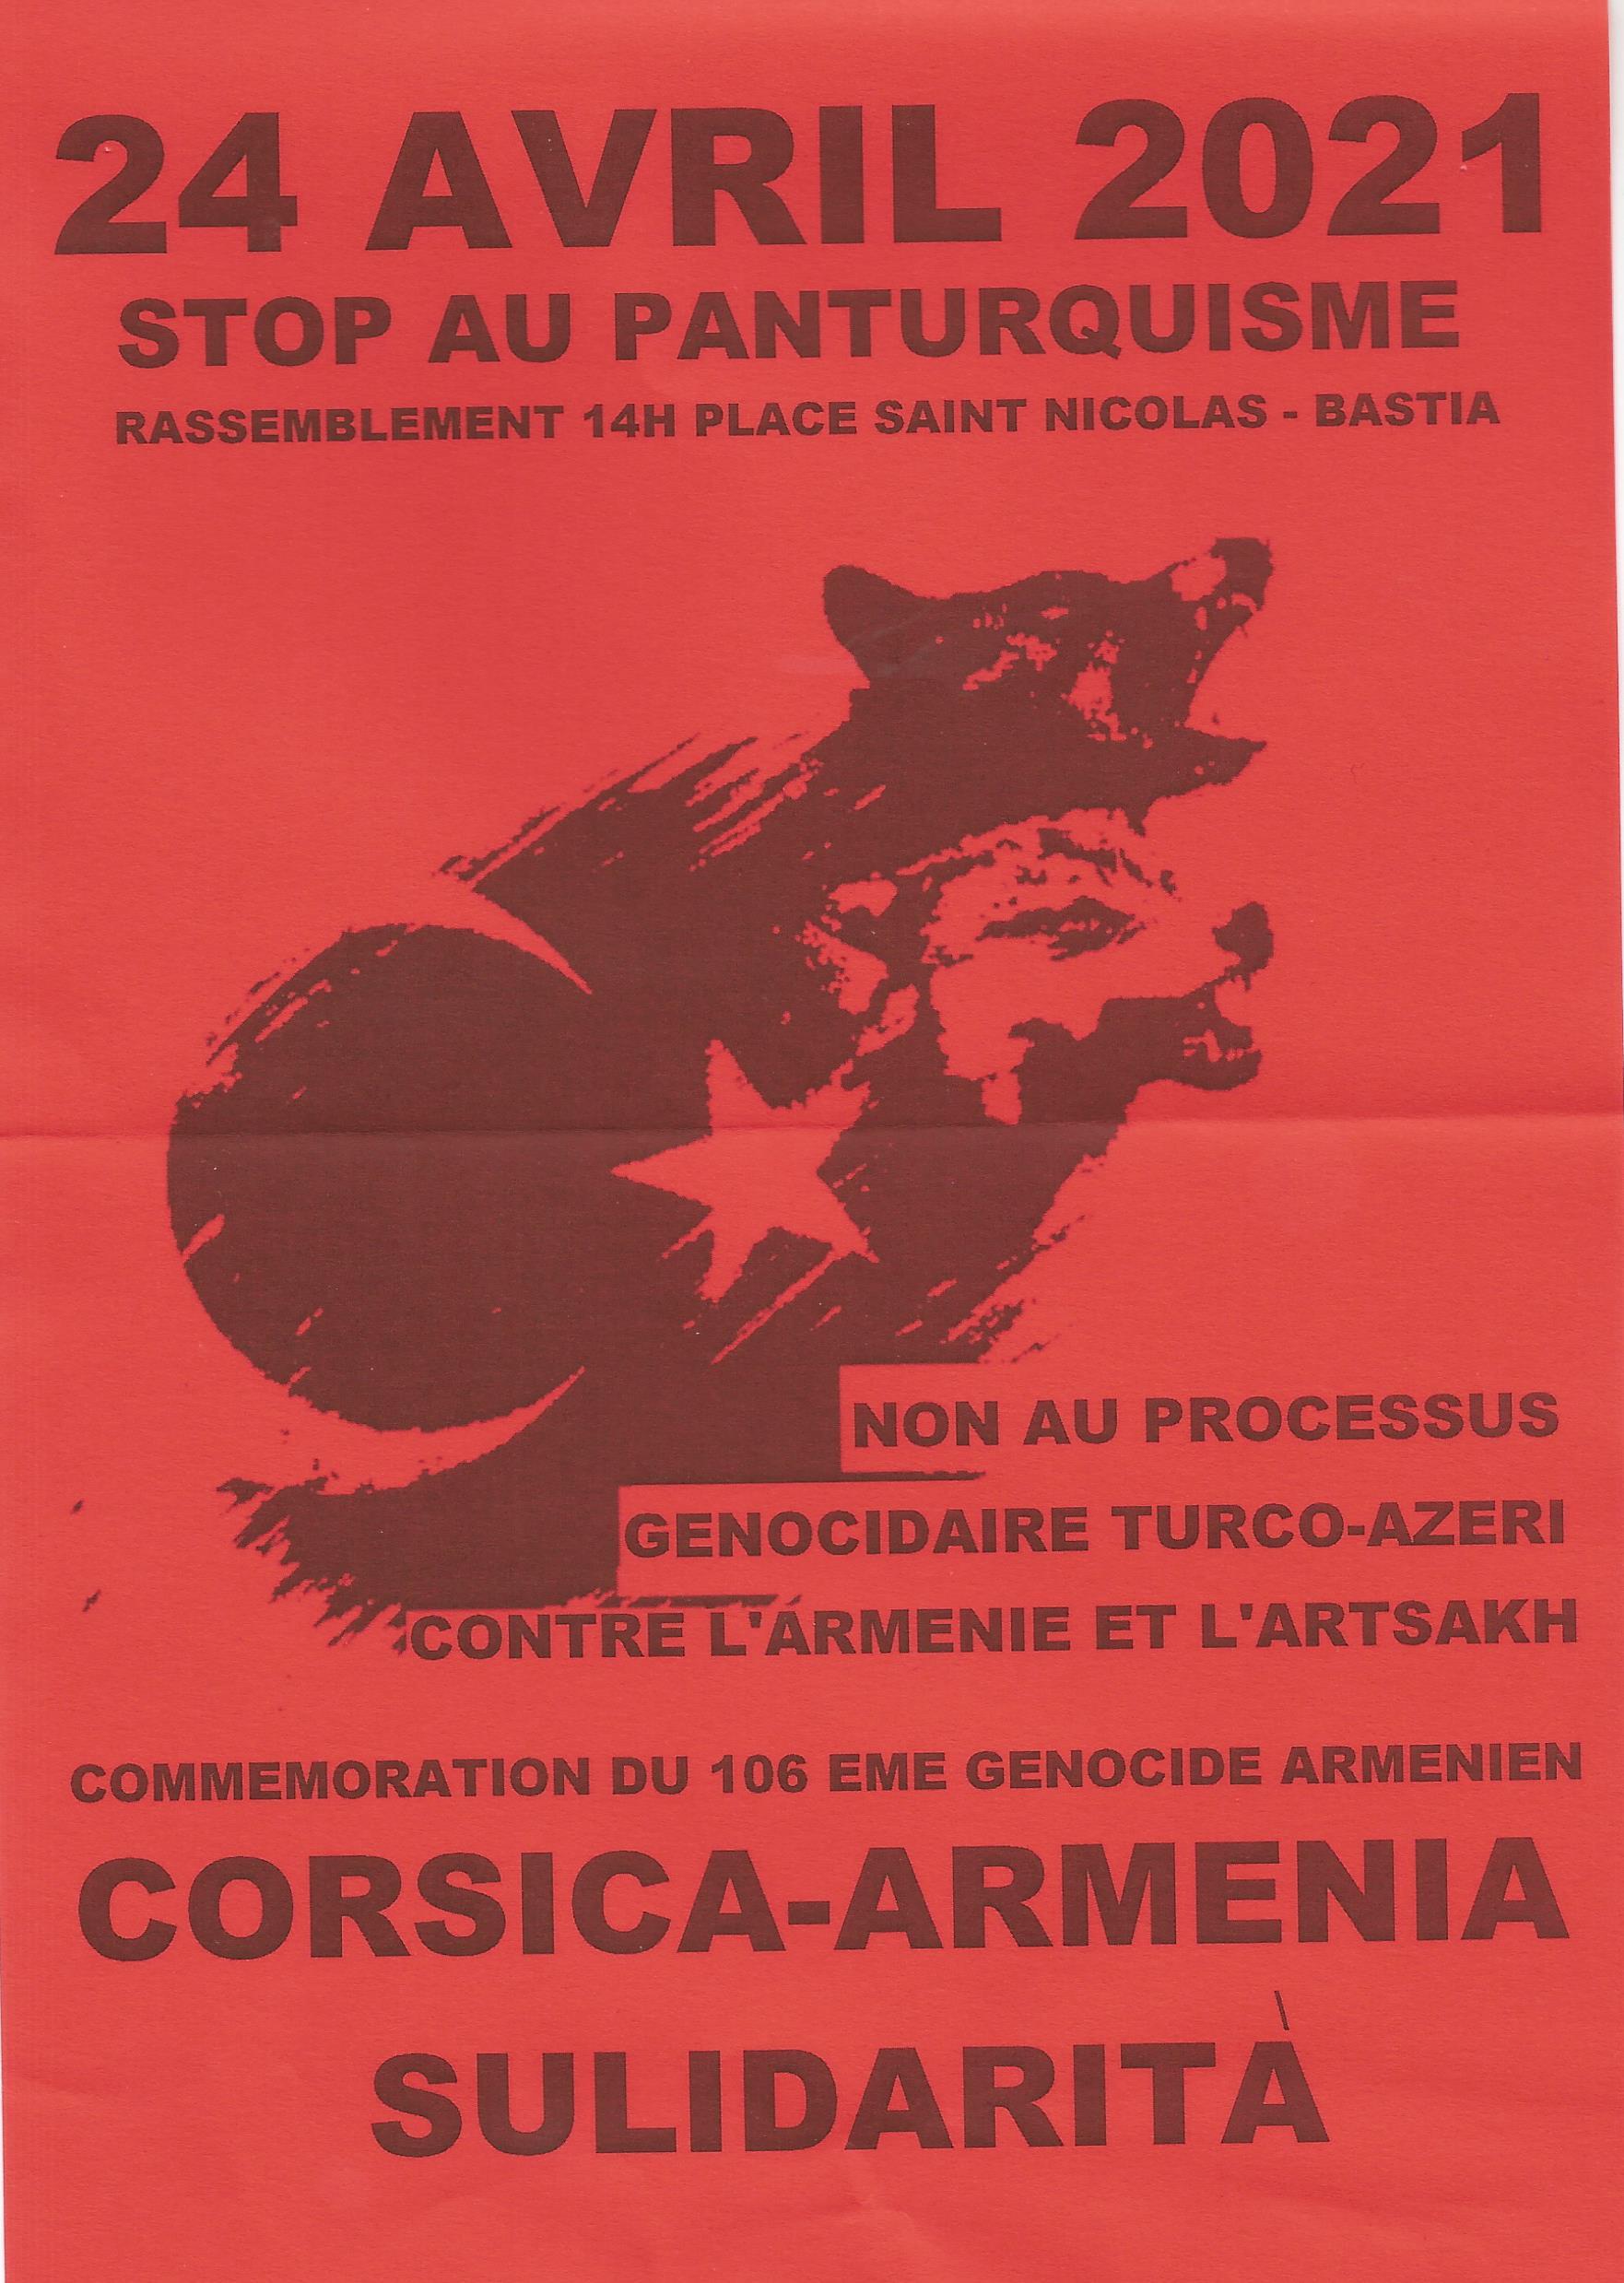 Génocide arménien : une commémoration le samedi 24 avril à Bastia